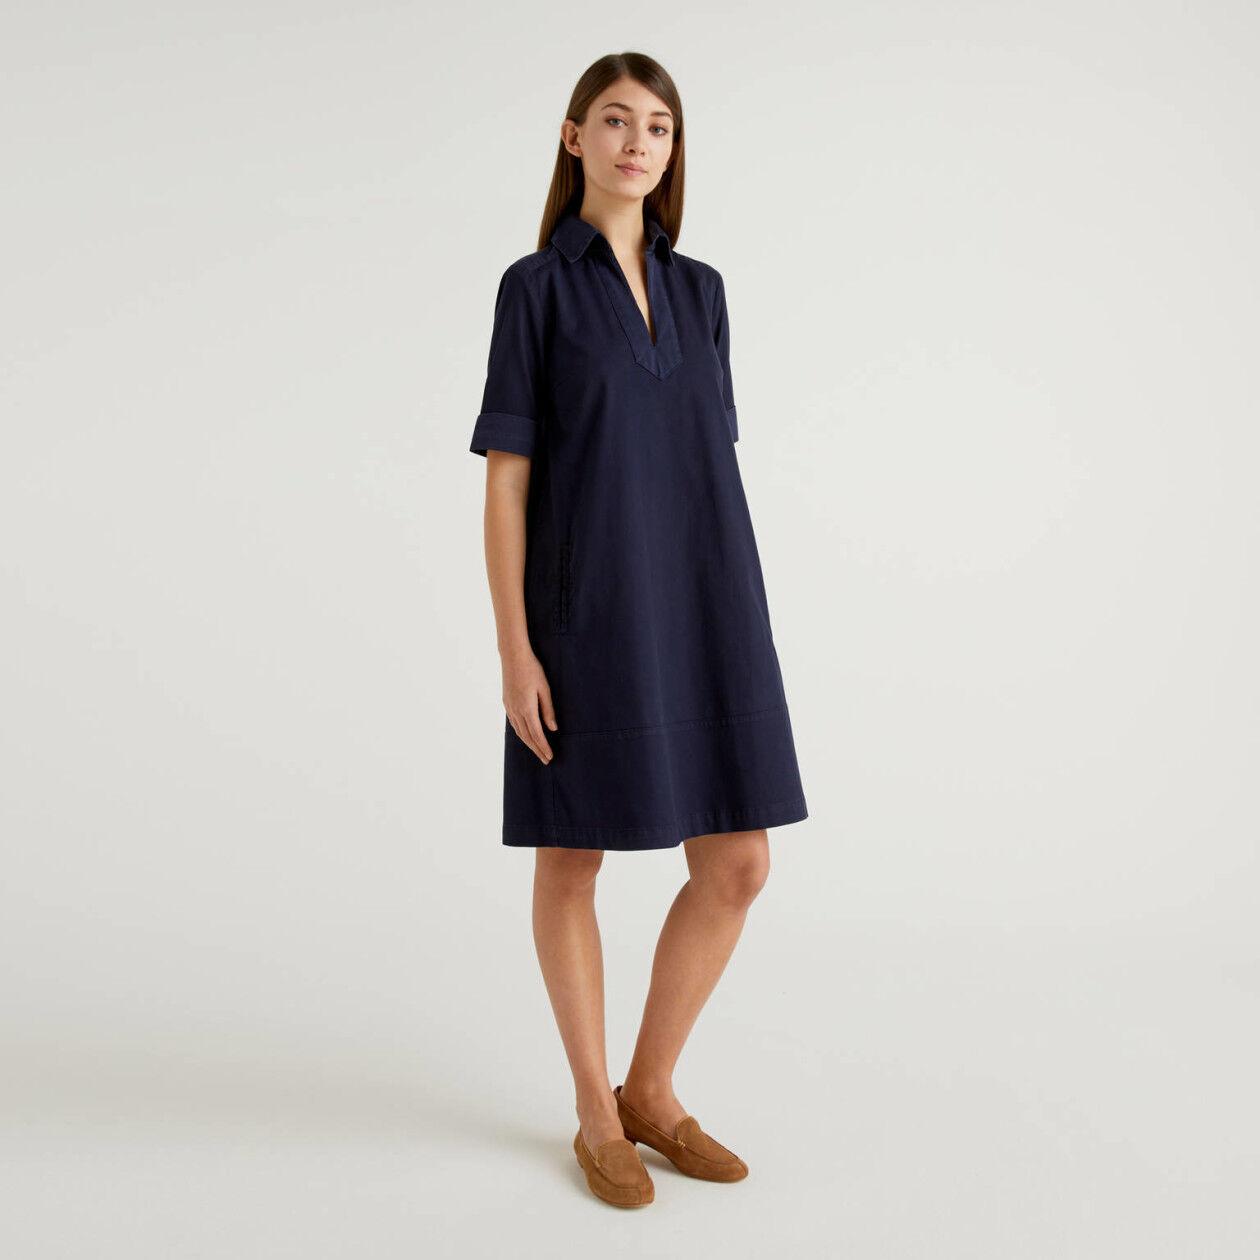 Ausgestelltes Kleid aus stretchiger Baumwolle